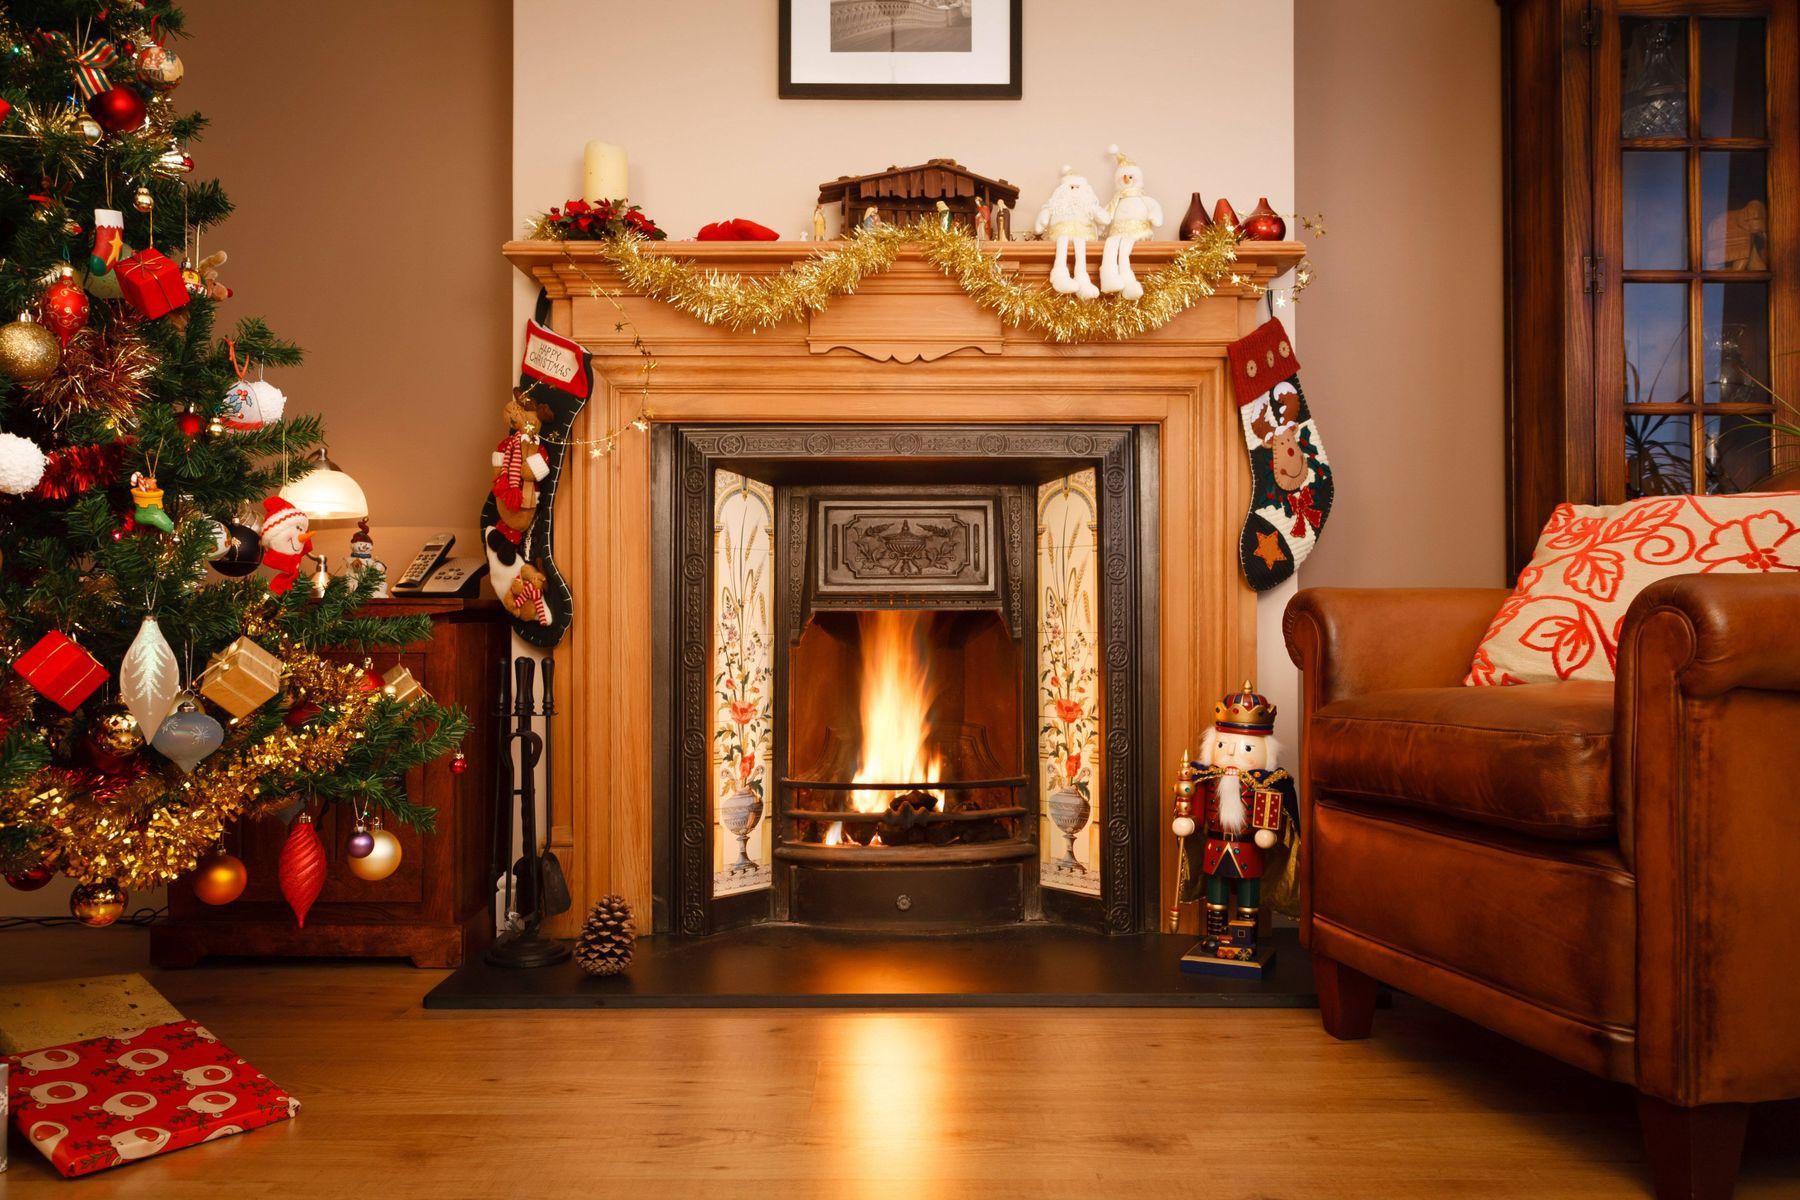 Camino, divano e sala decorati per Natale